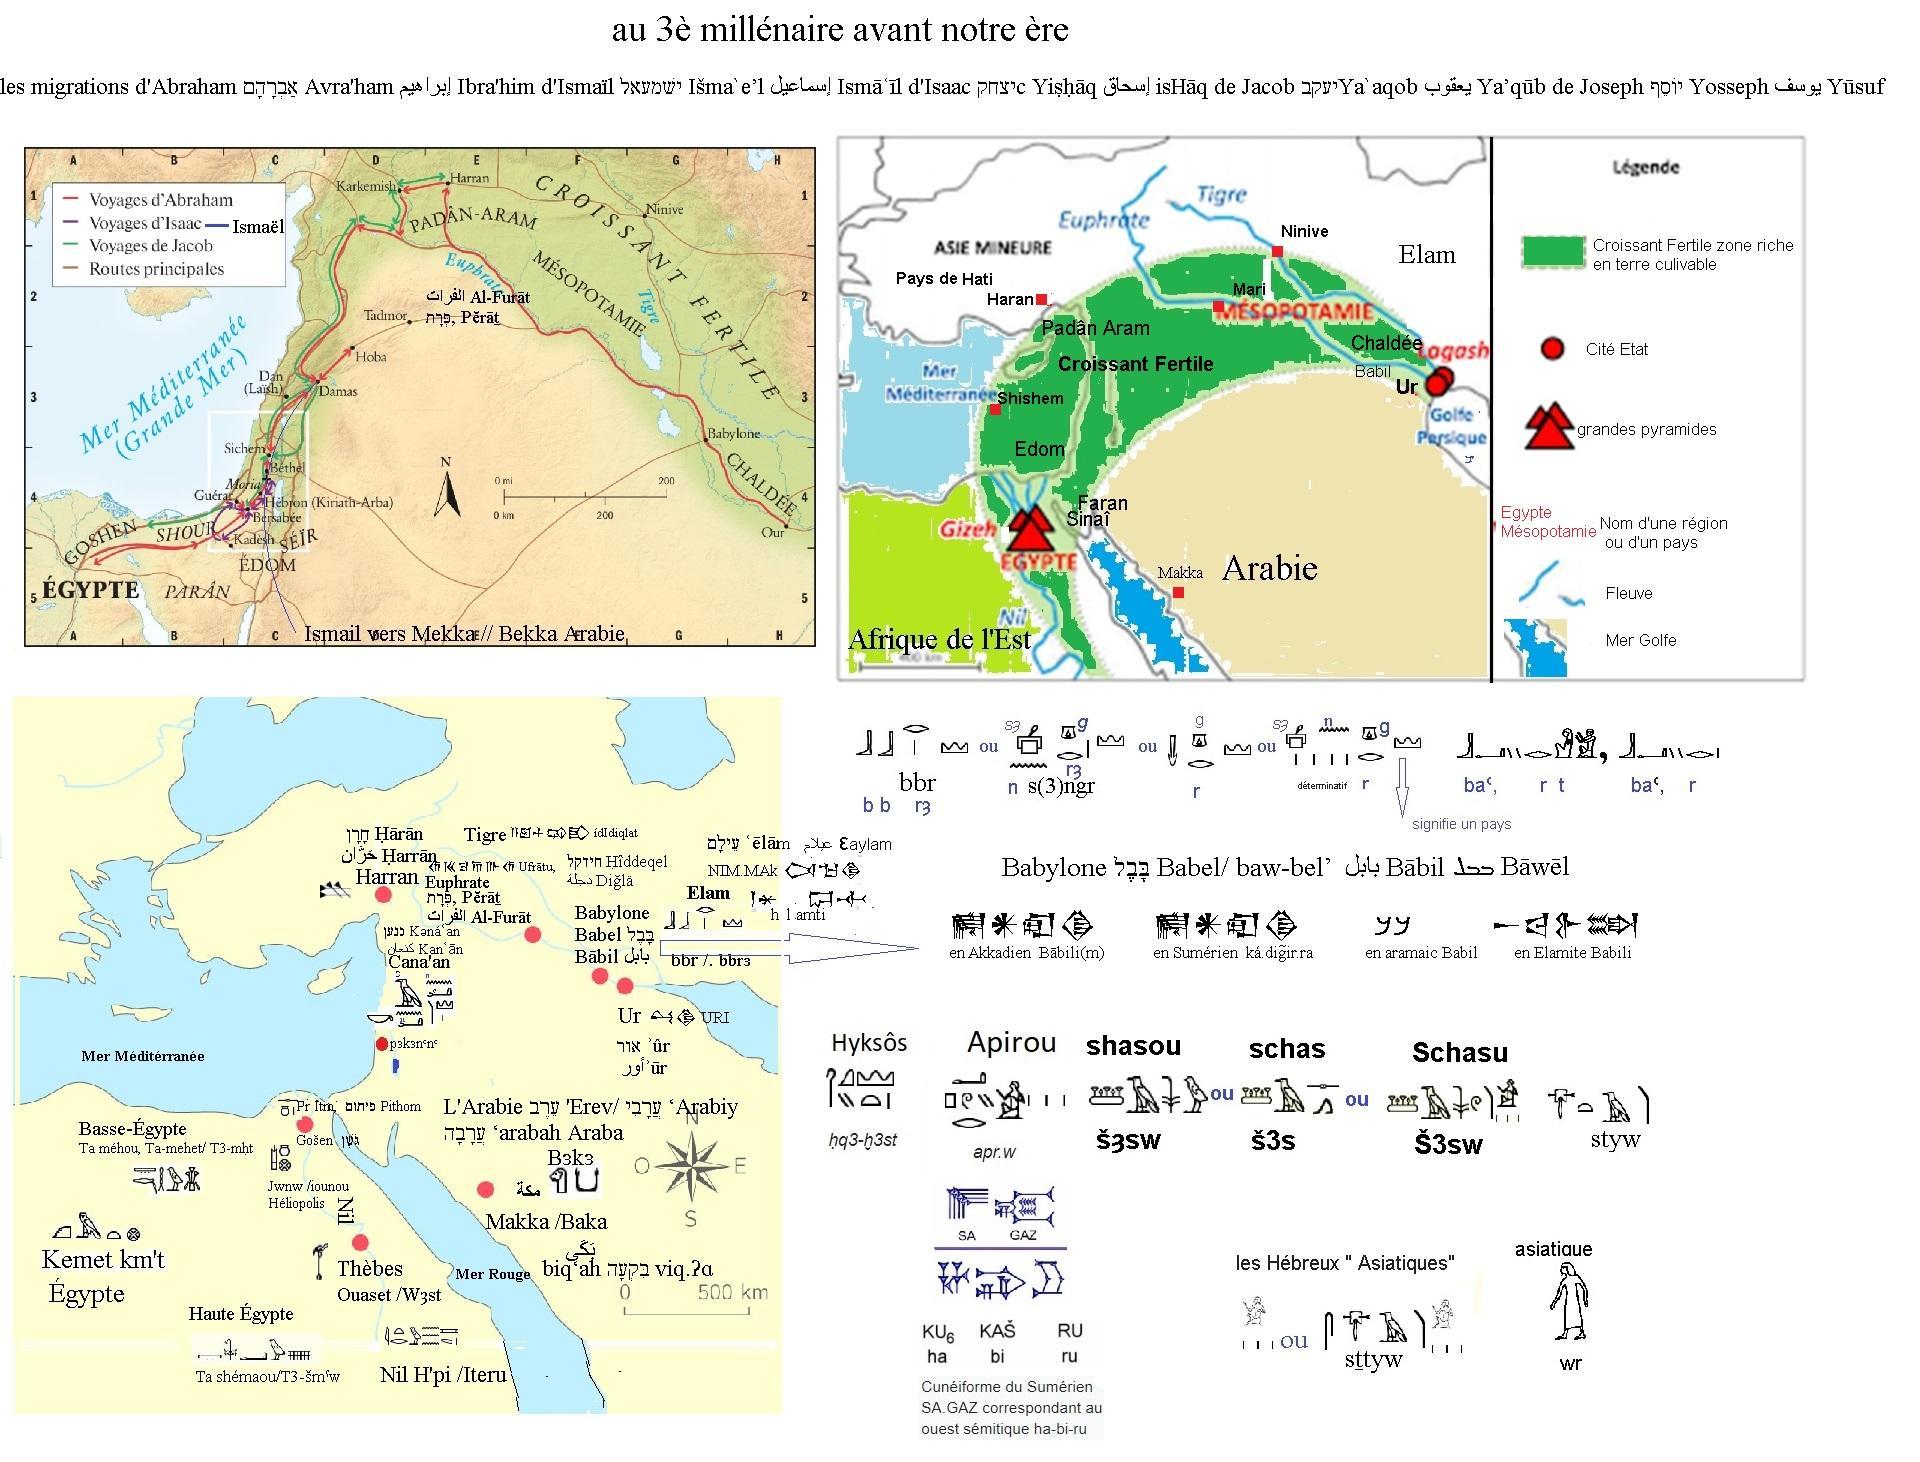 Carte epoque des prophetes abraham isaac ismail jacob joseph